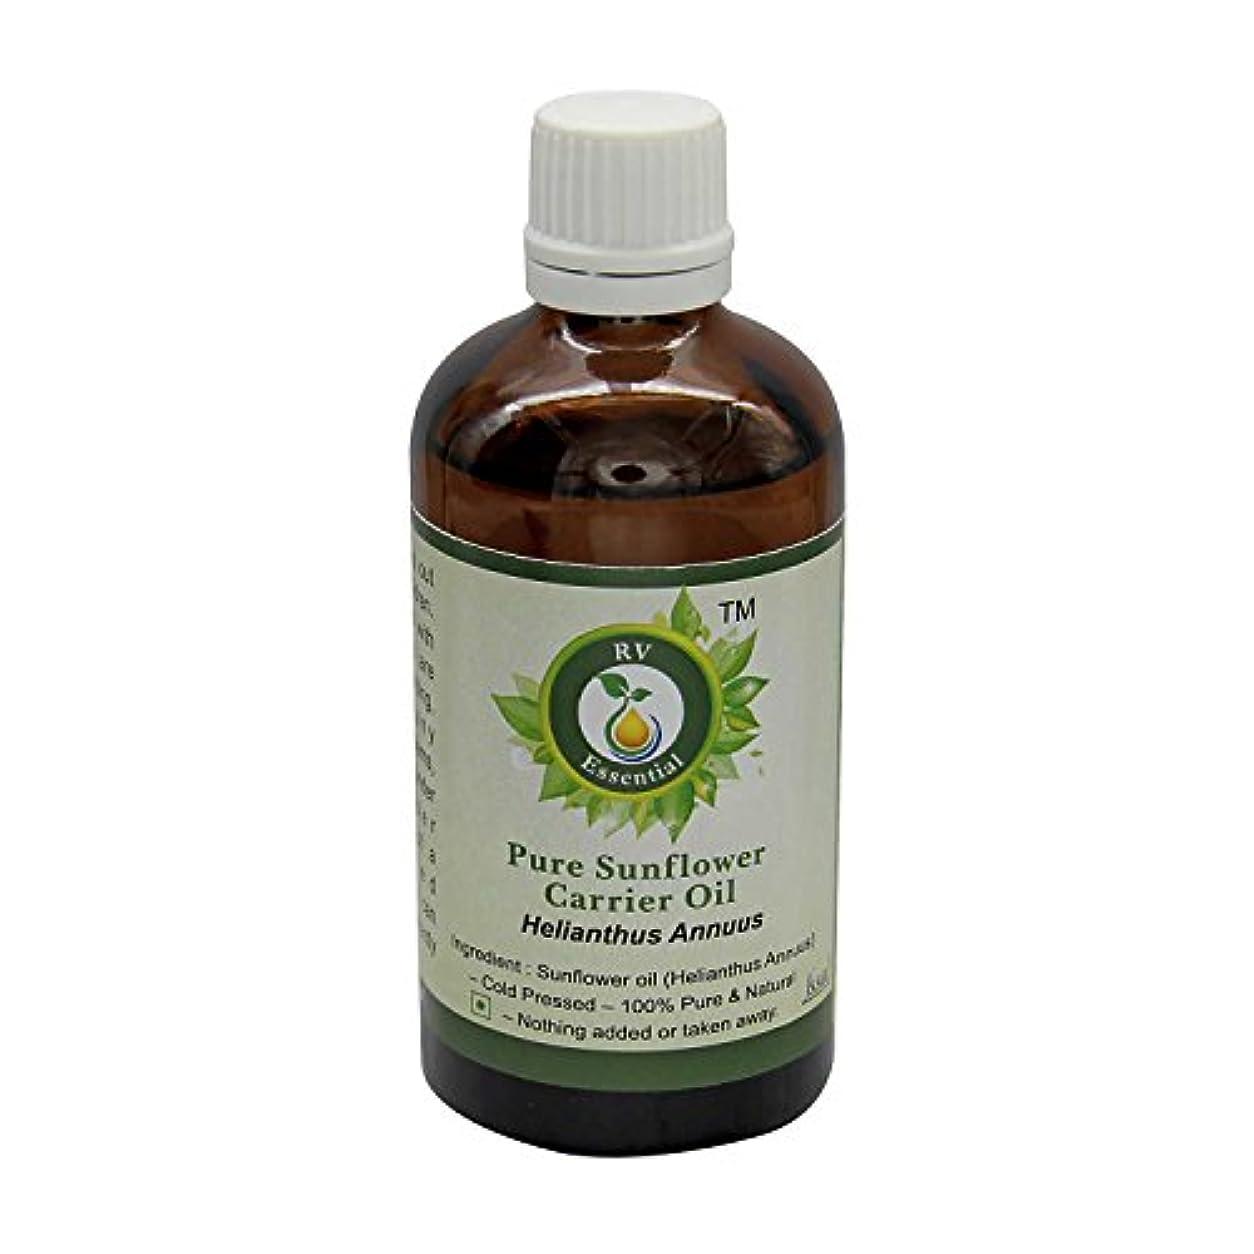 重要ジャンプ早熟R V Essential 純粋なヒマワリのキャリアオイル15ml (0.507oz)- Helianthus Annuus (100%ピュア&ナチュラルコールドPressed) Pure Sunflower Carrier Oil